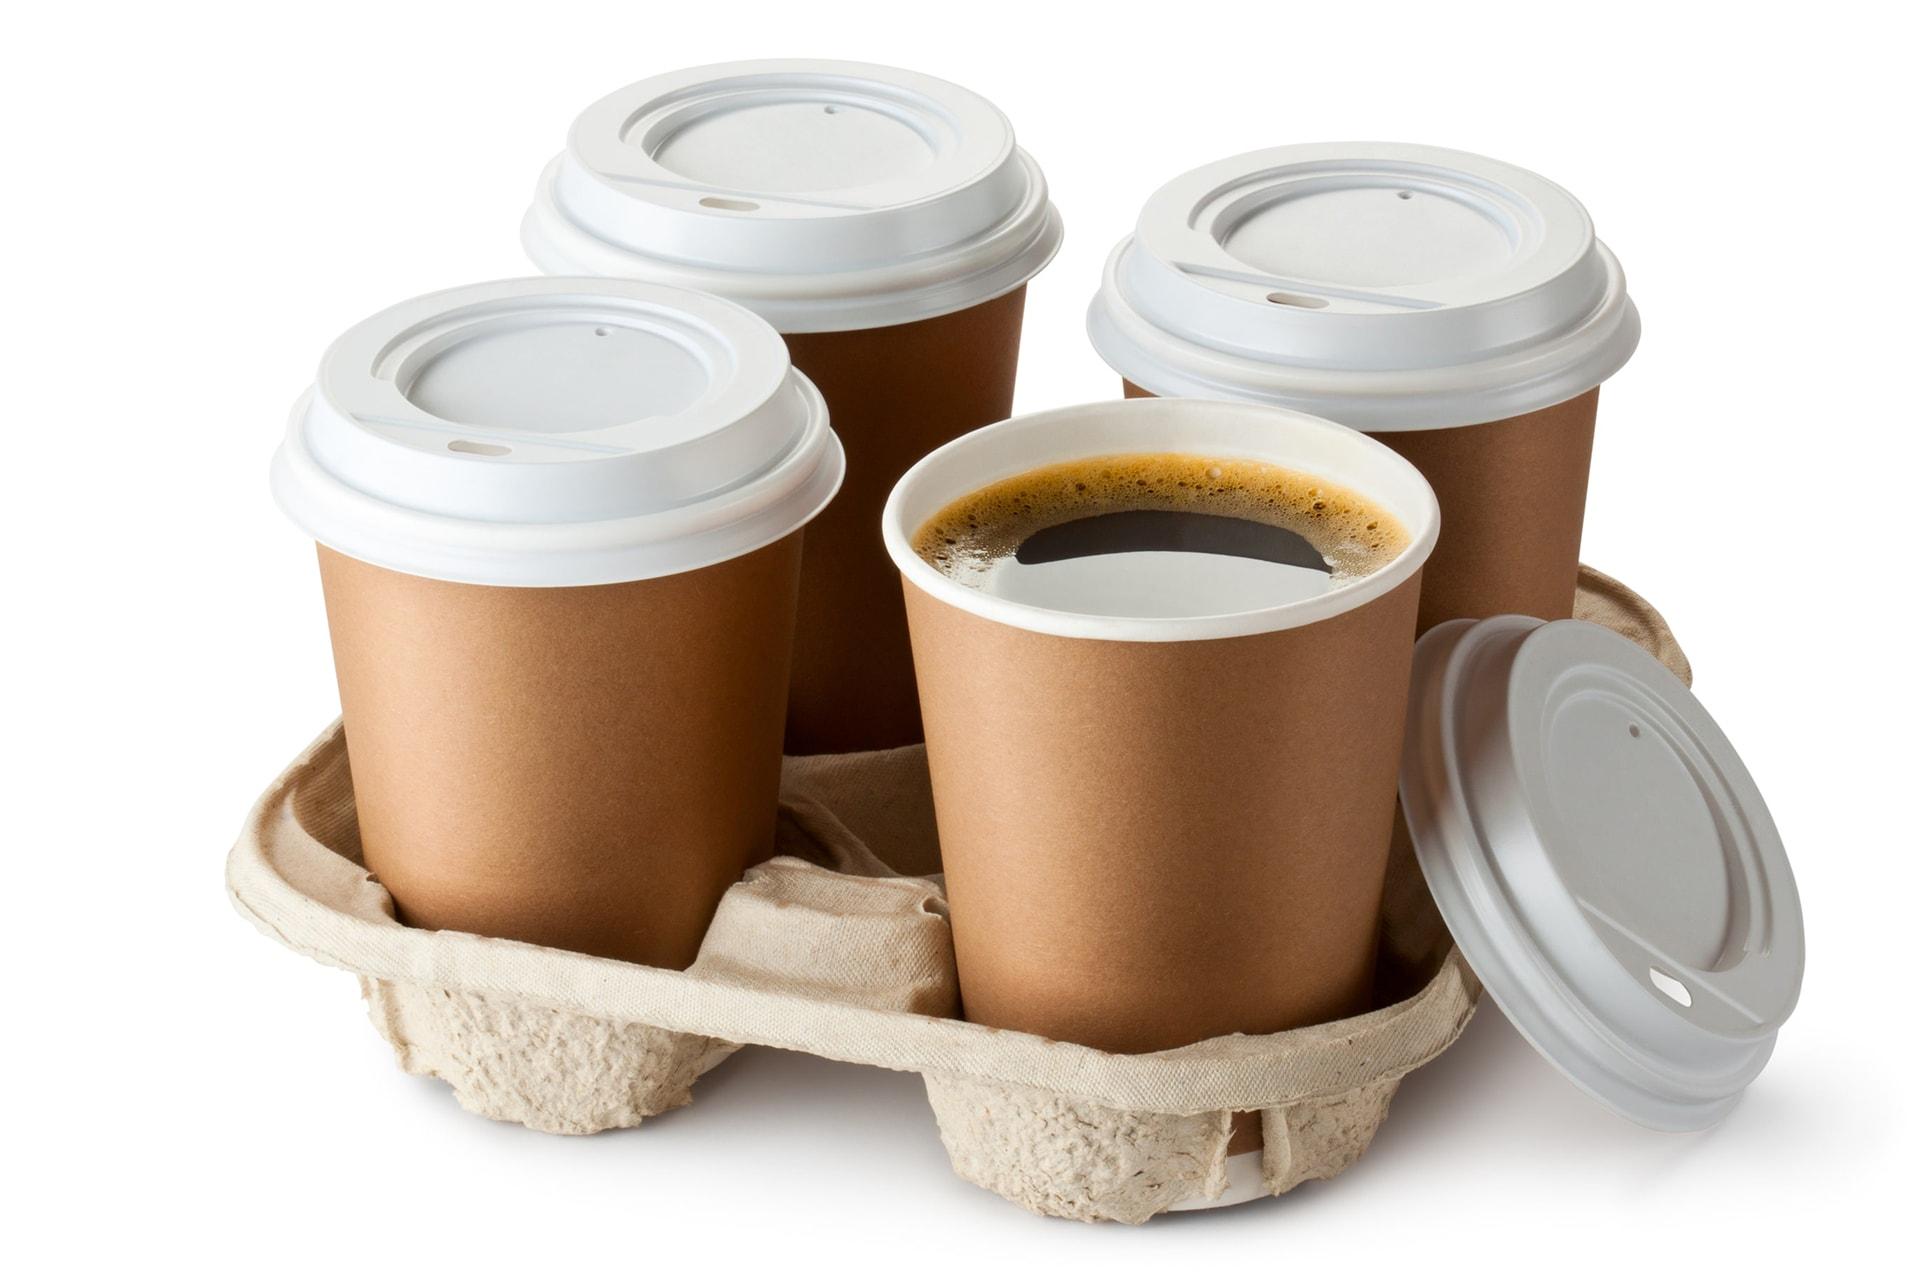 lariplast-paper-cups-min